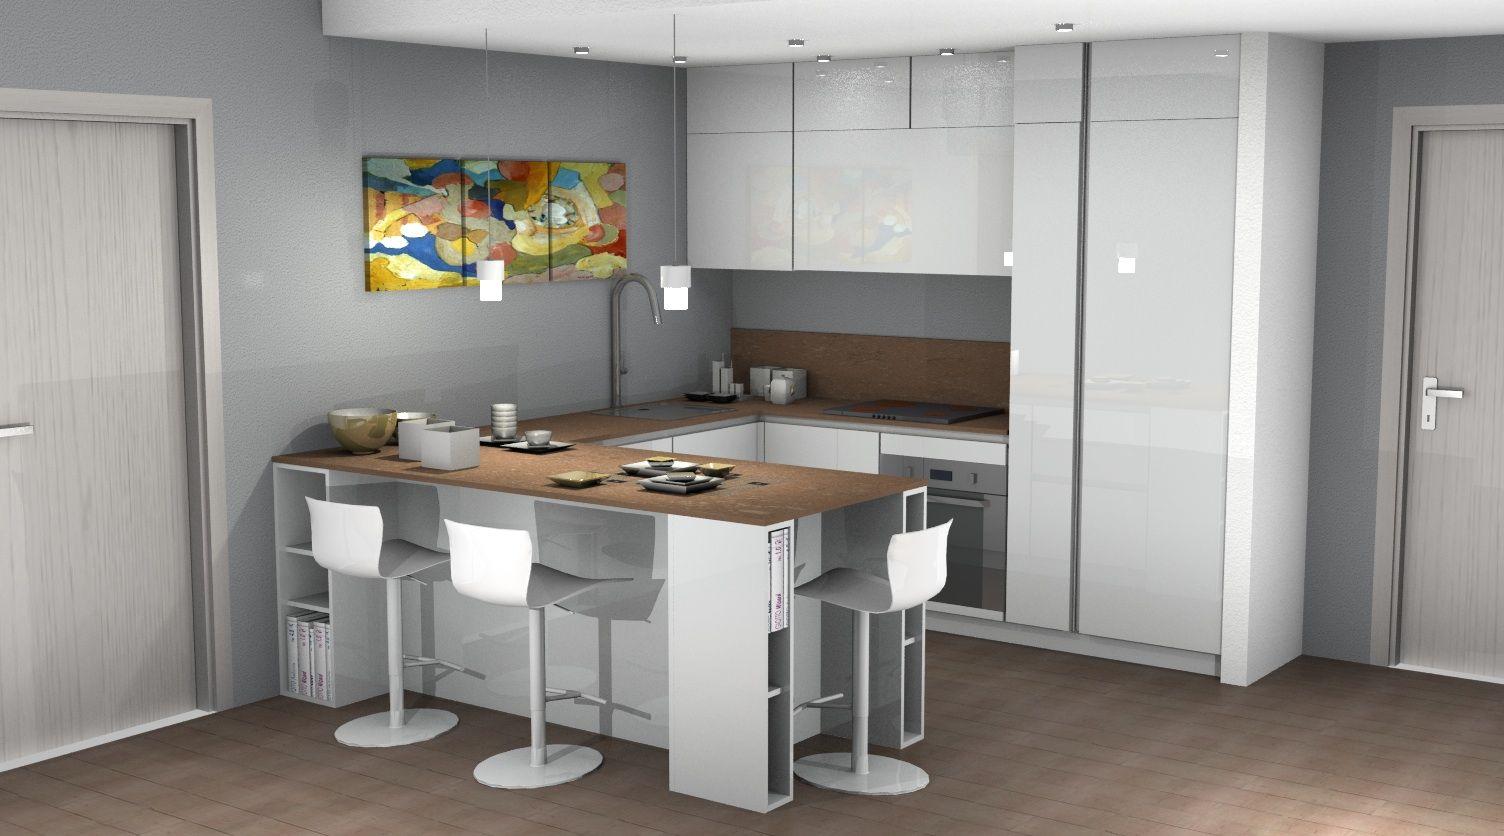 Scavolini cucina con penisola by scavolini kitchen - Cucine con penisola ...